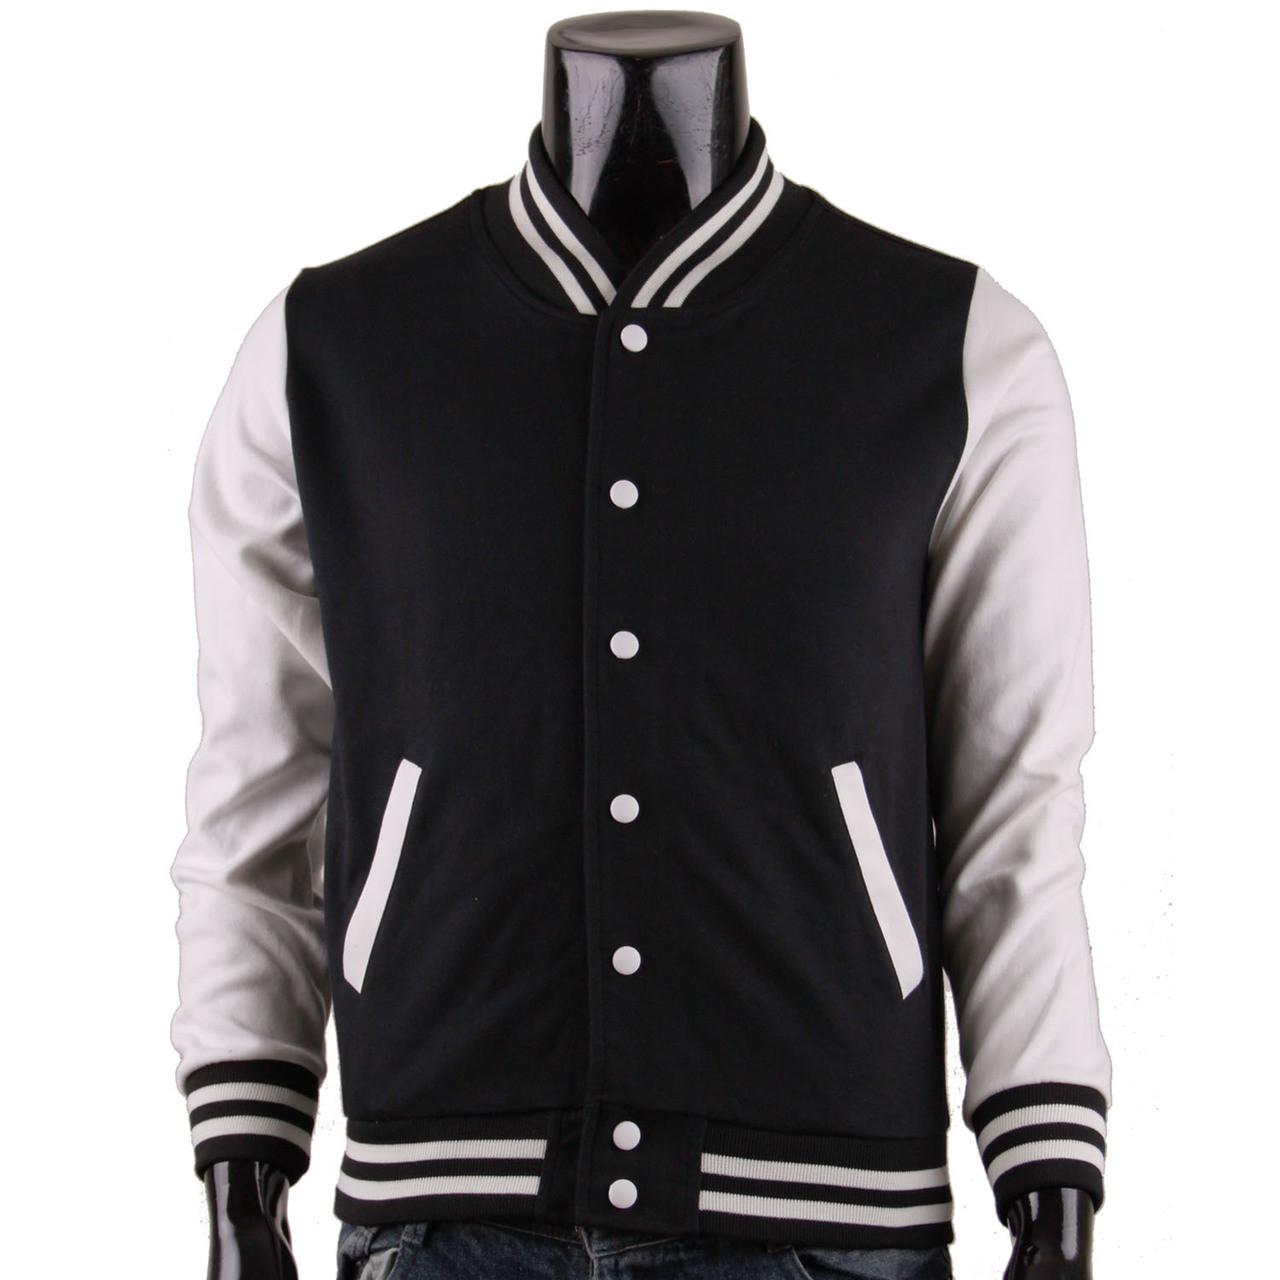 Baseball Jacket Black And White WRKSjj